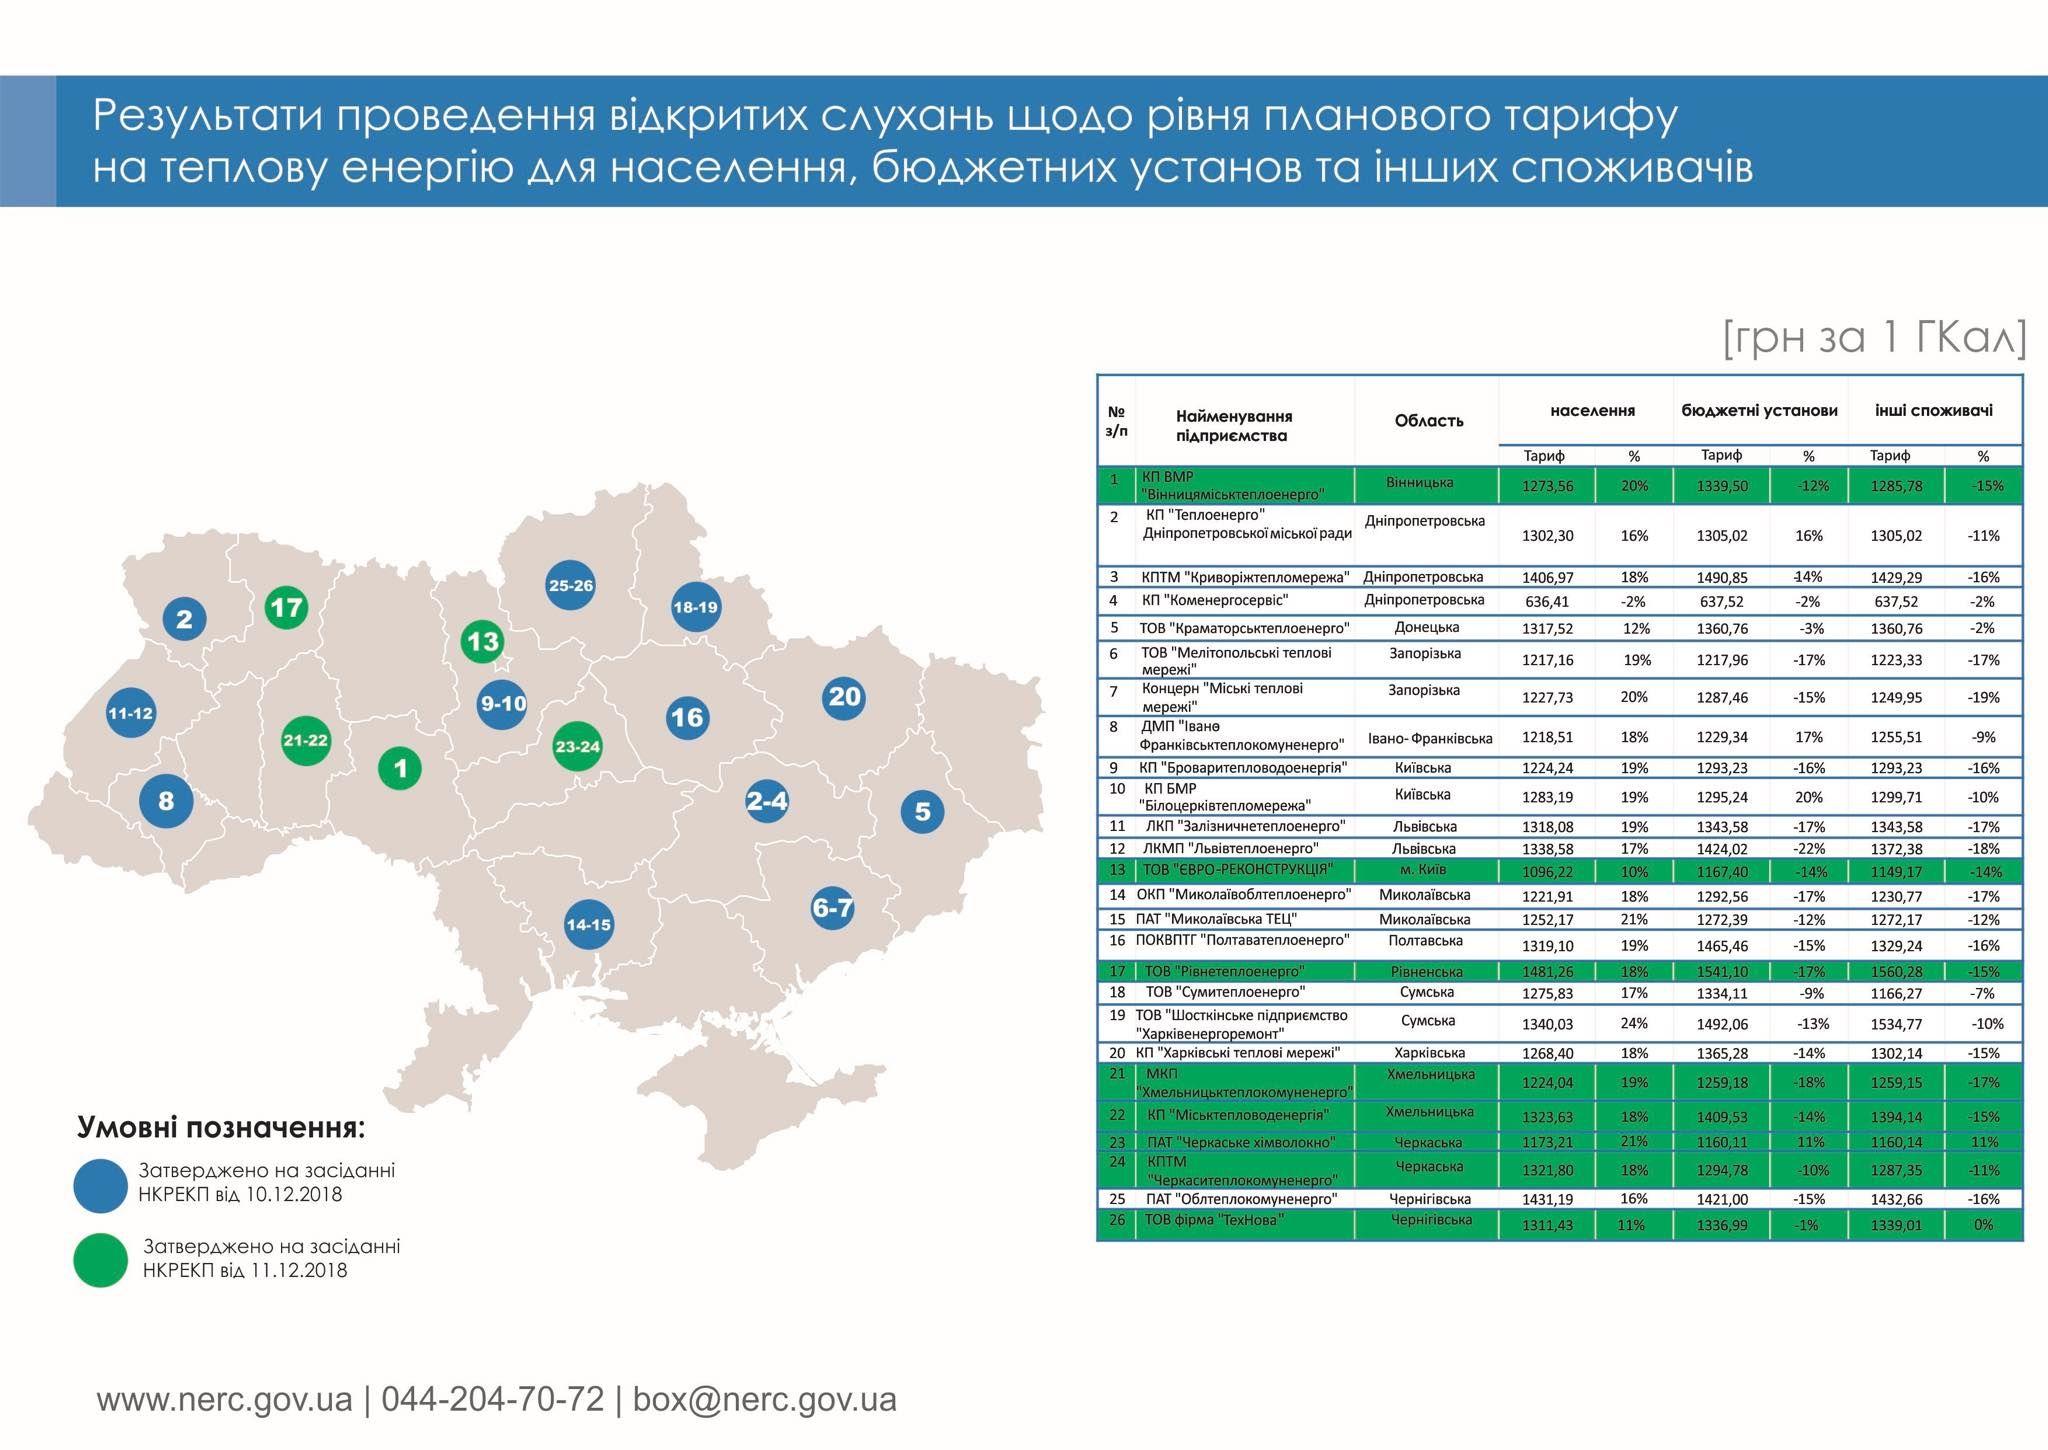 ВУкраїні зросли тарифи натепло